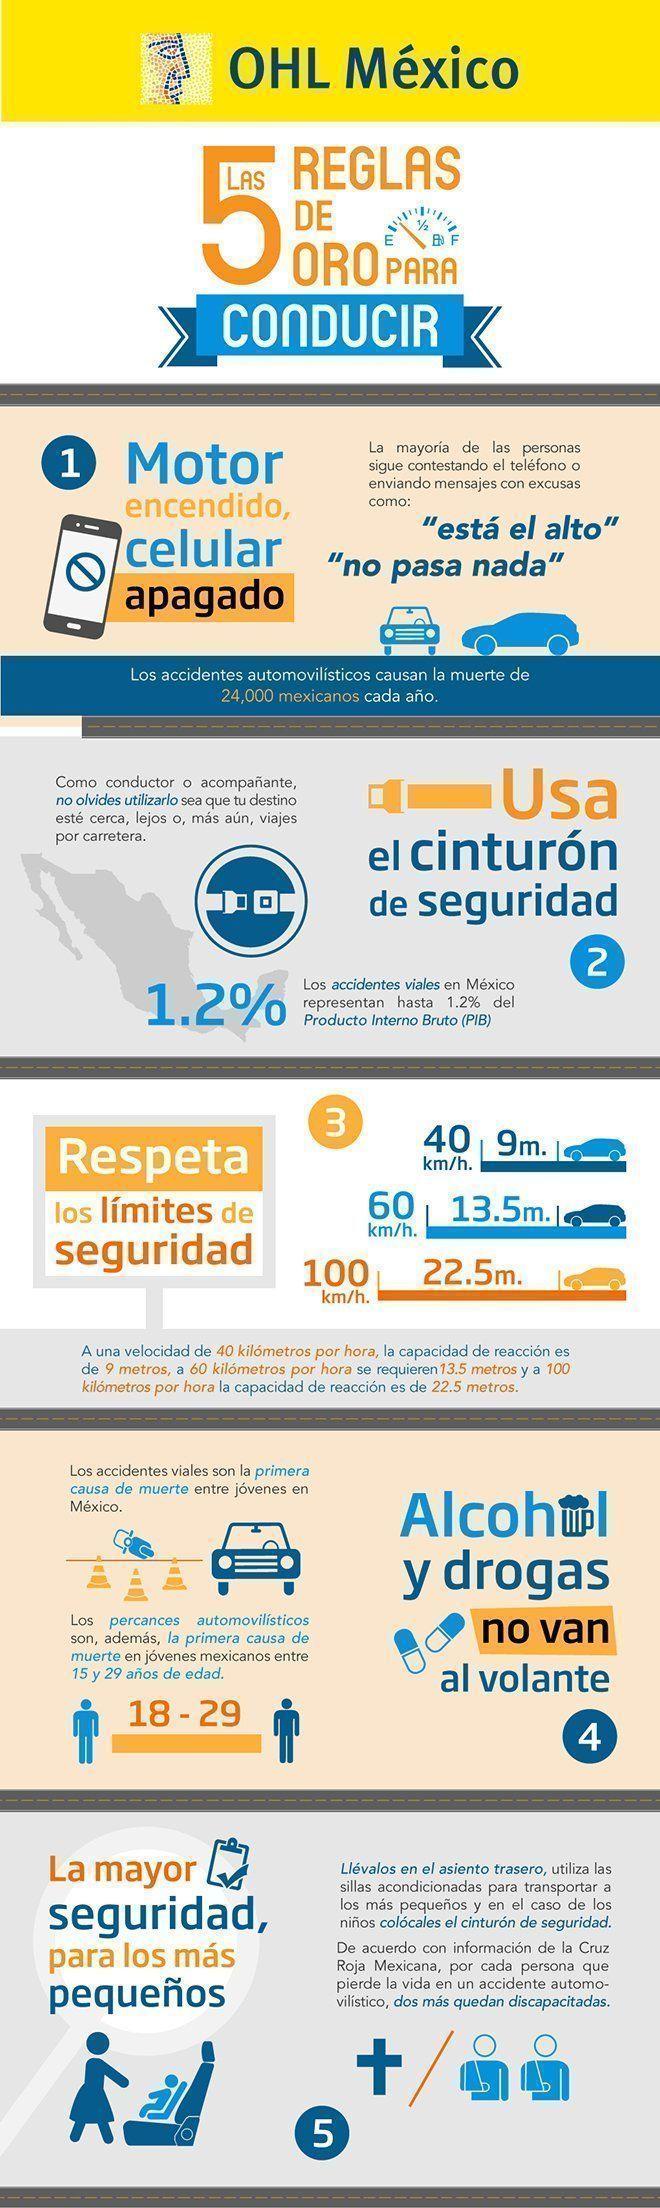 infografia-seguridad-vial